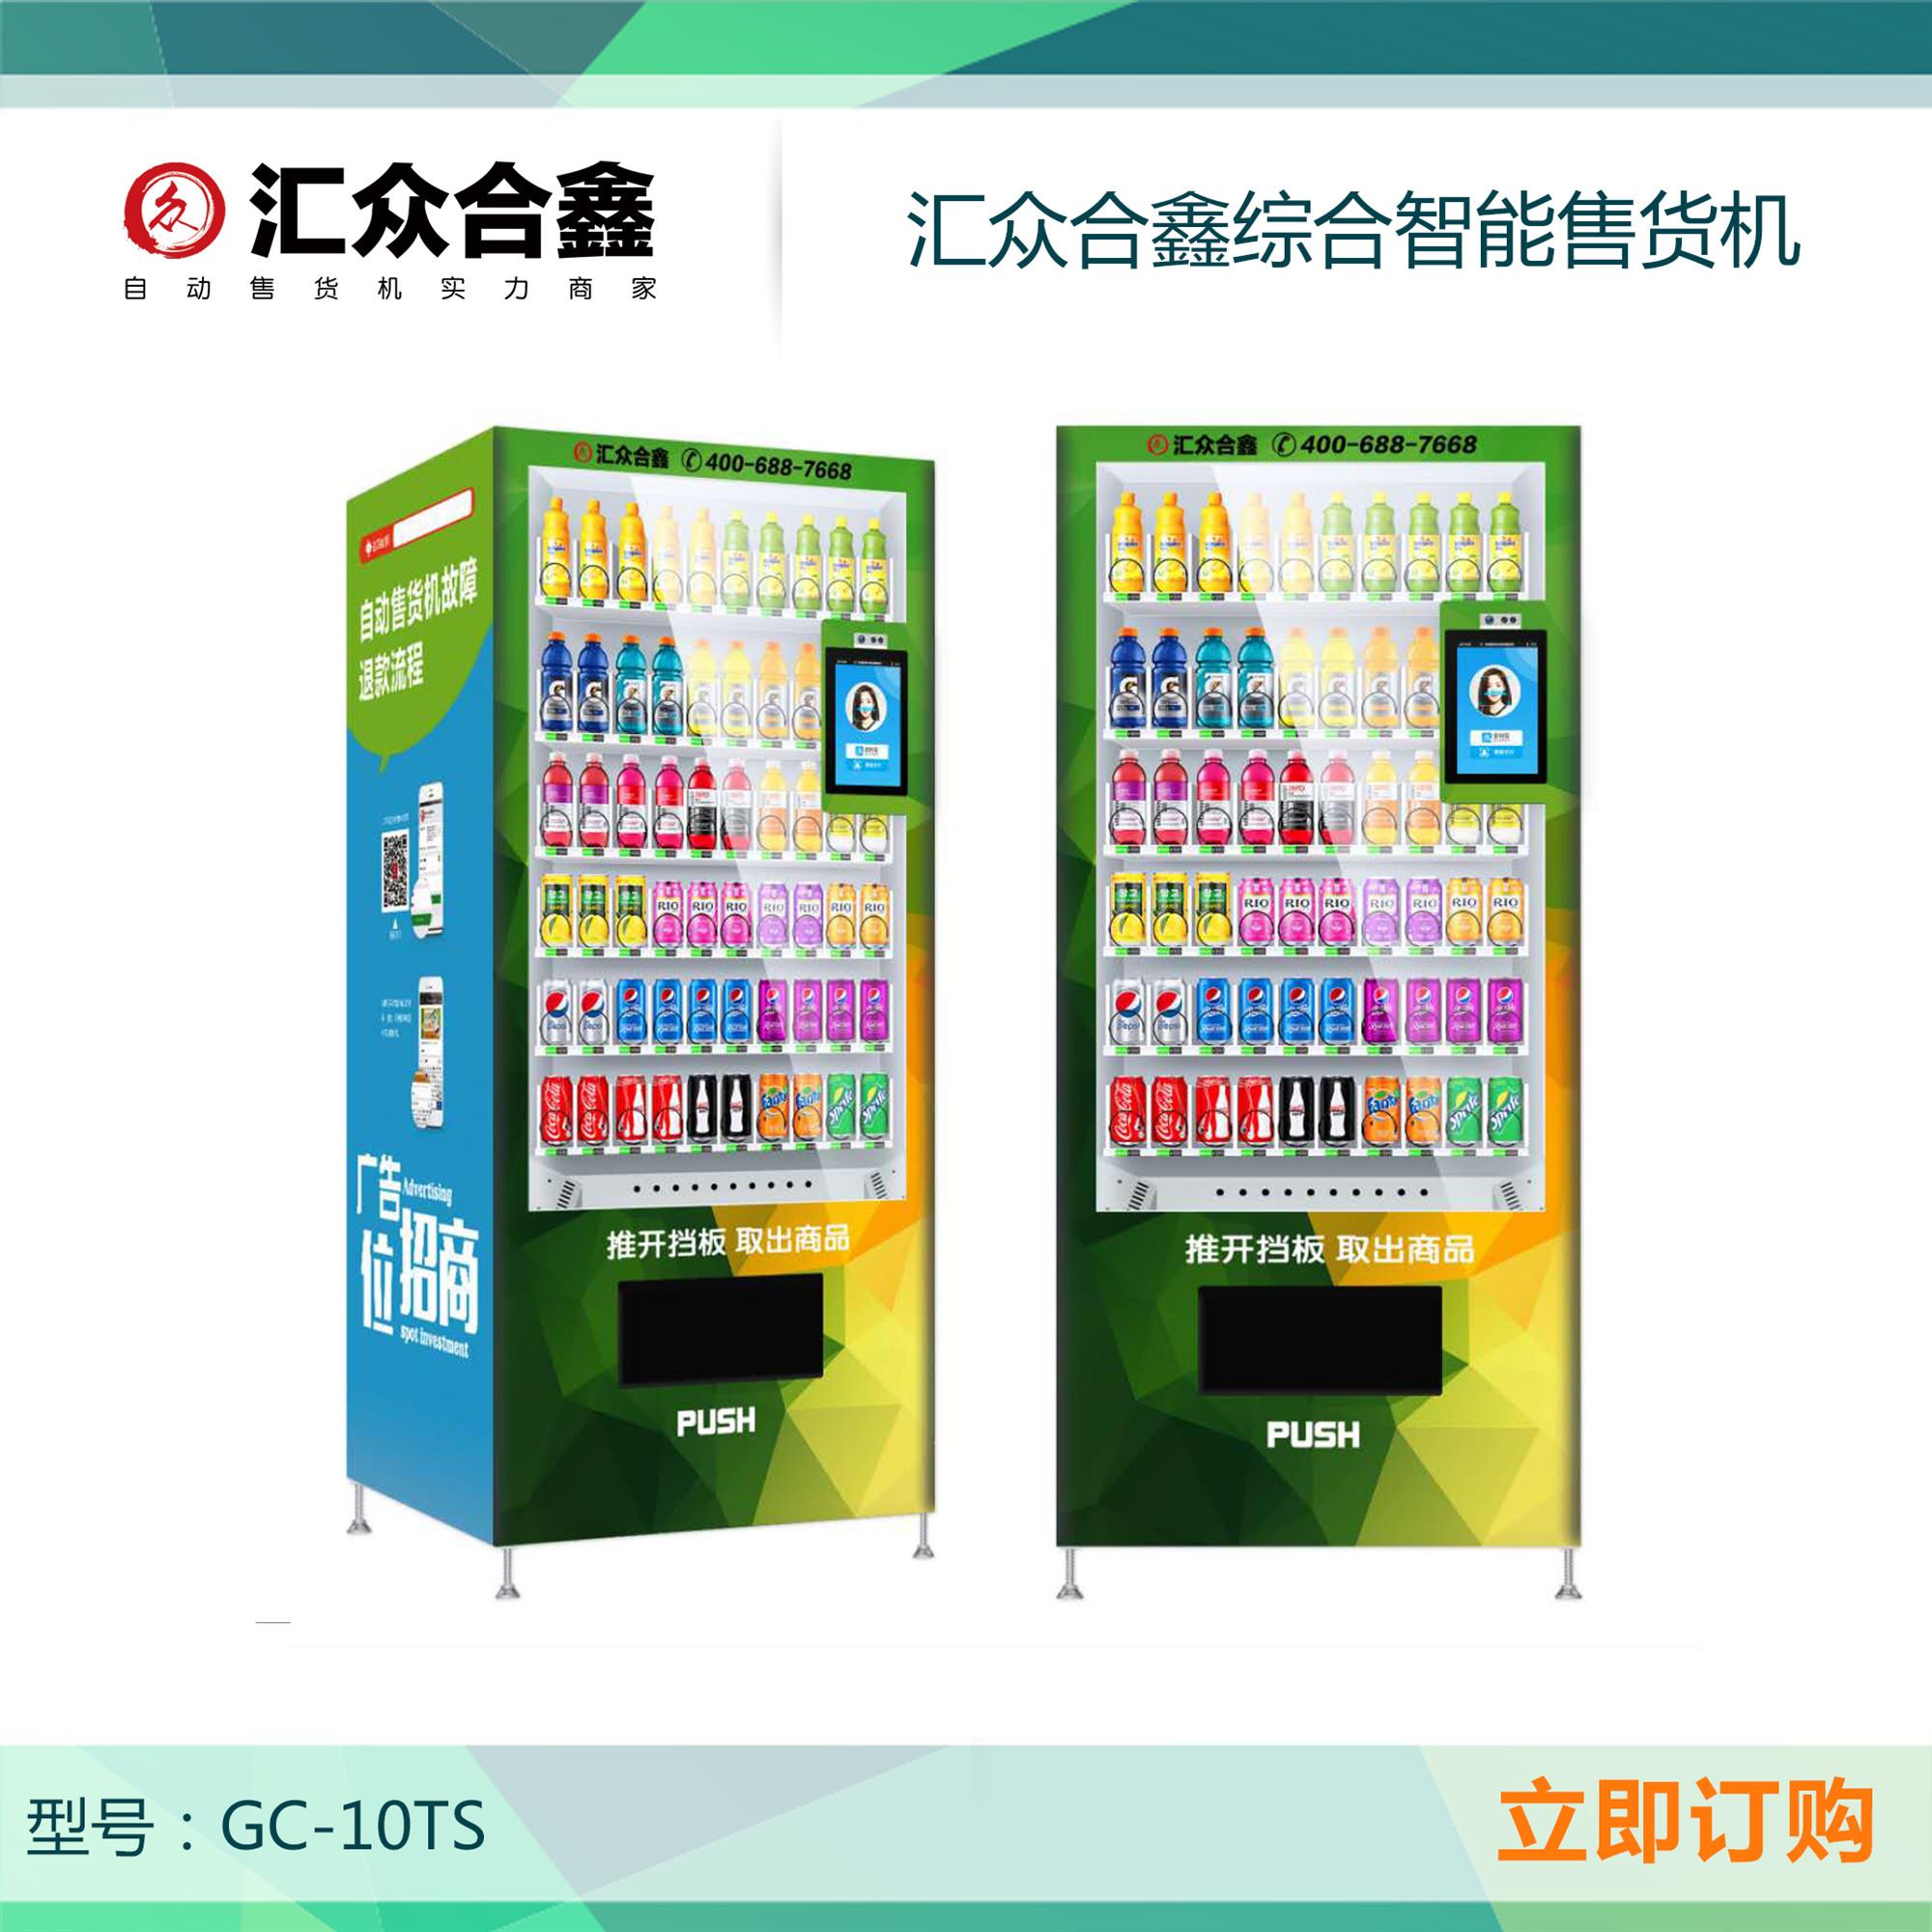 GC-10TS刷脸支付综合售货机